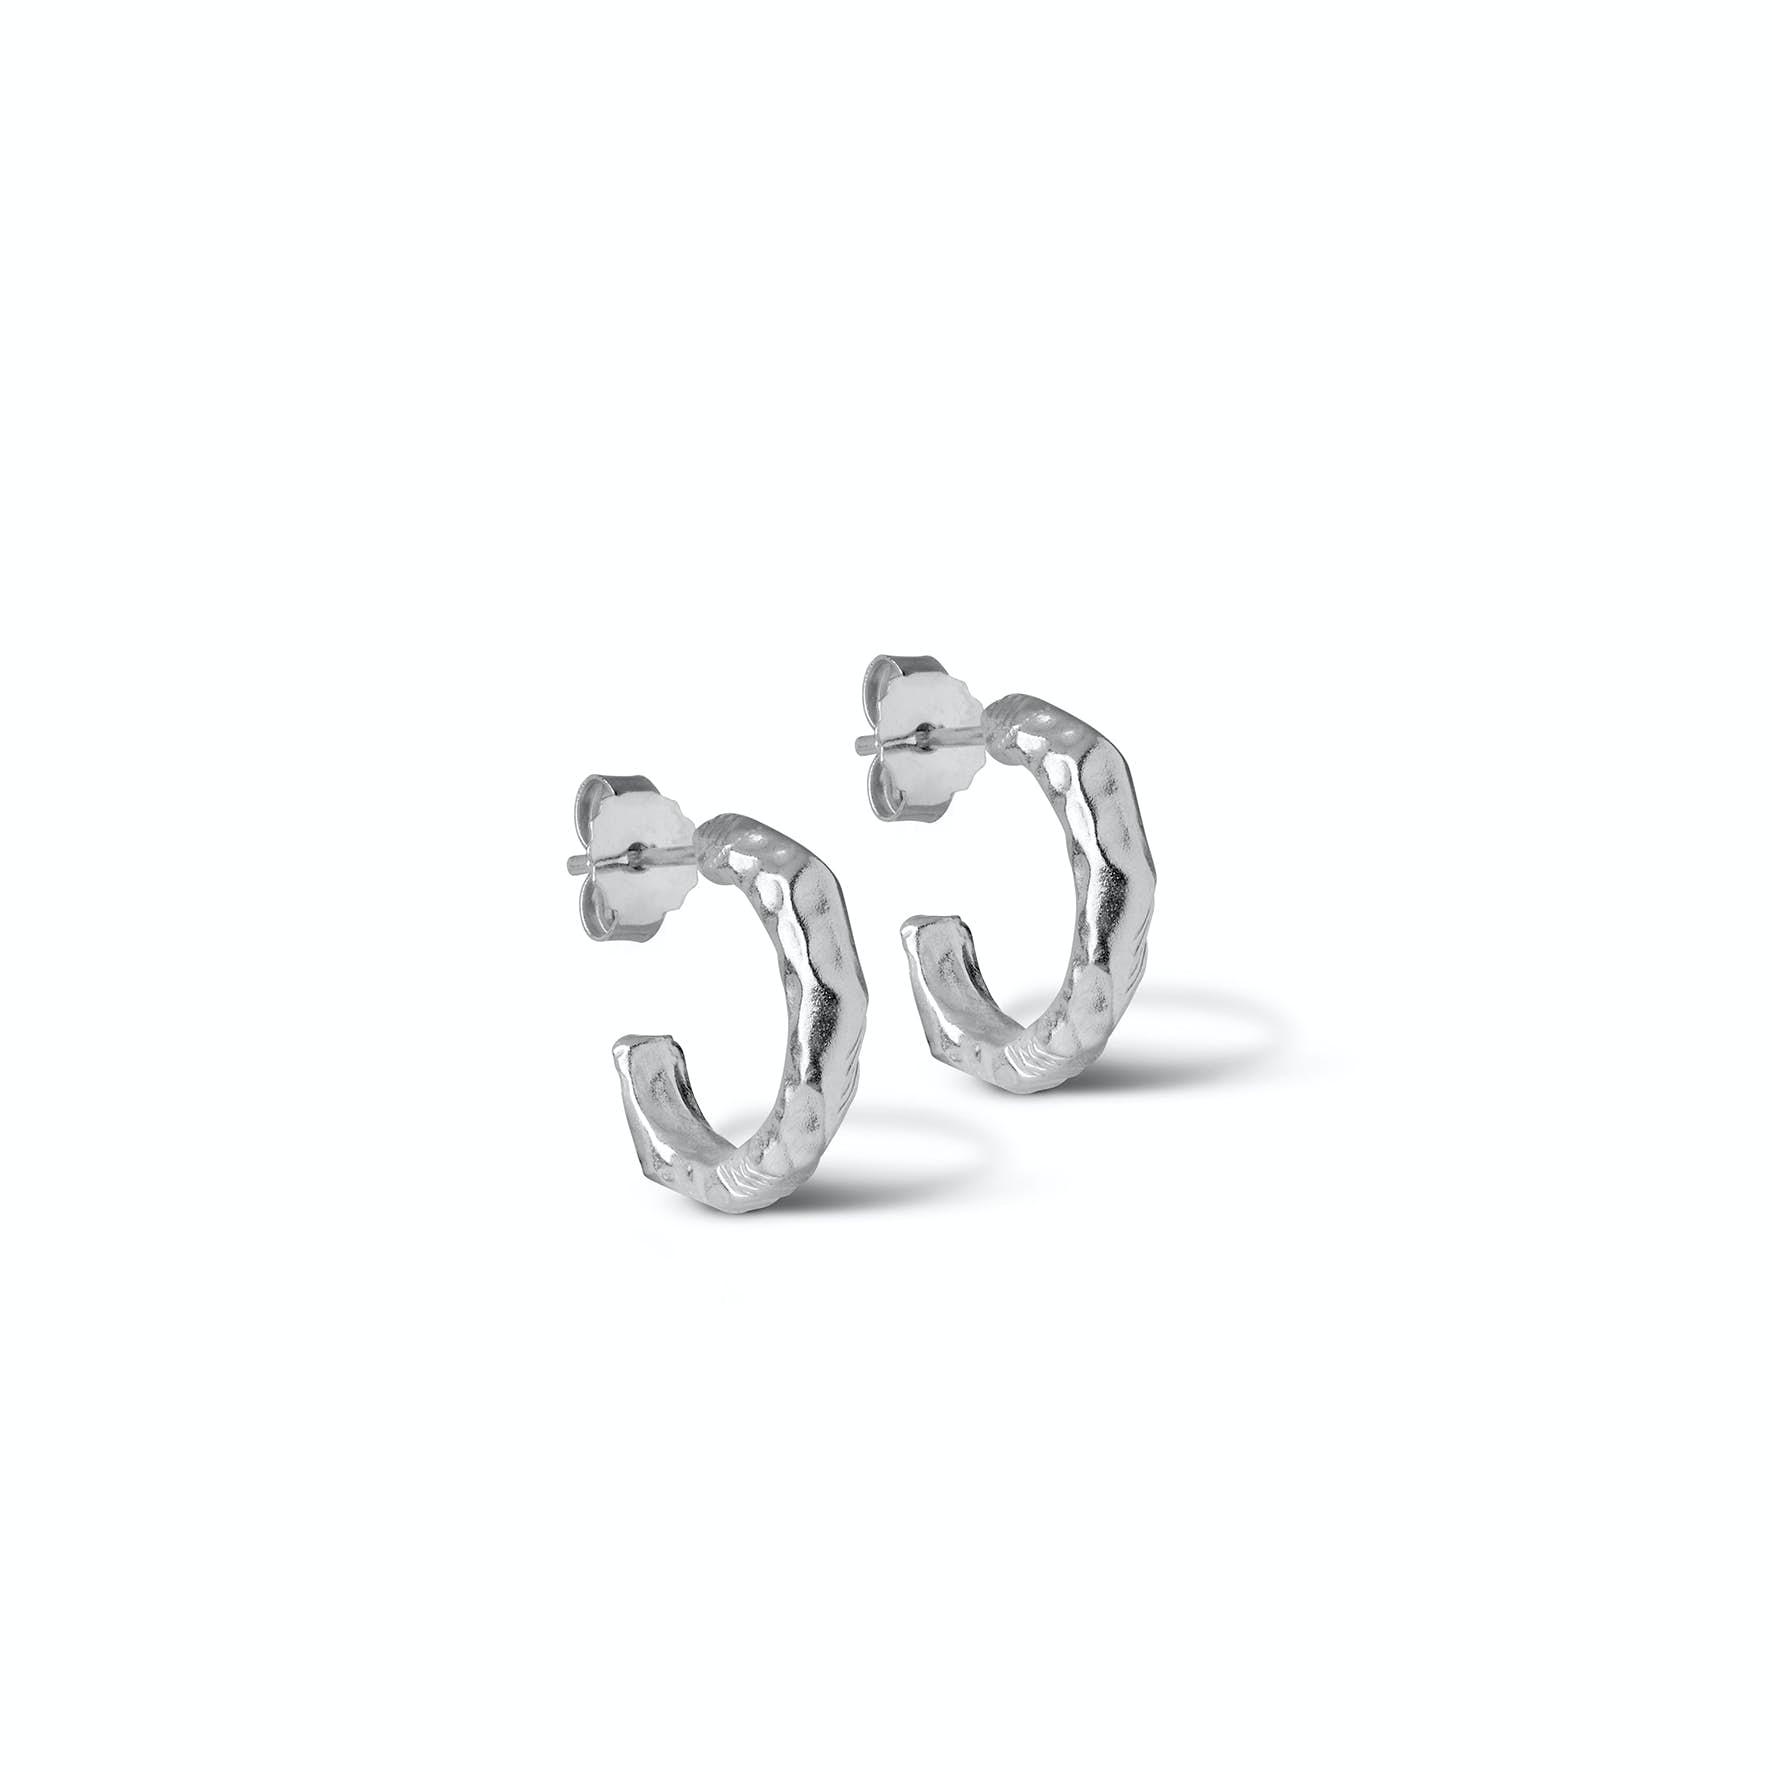 Hali Hoops Small von Enamel Copenhagen in Silber Sterling 925